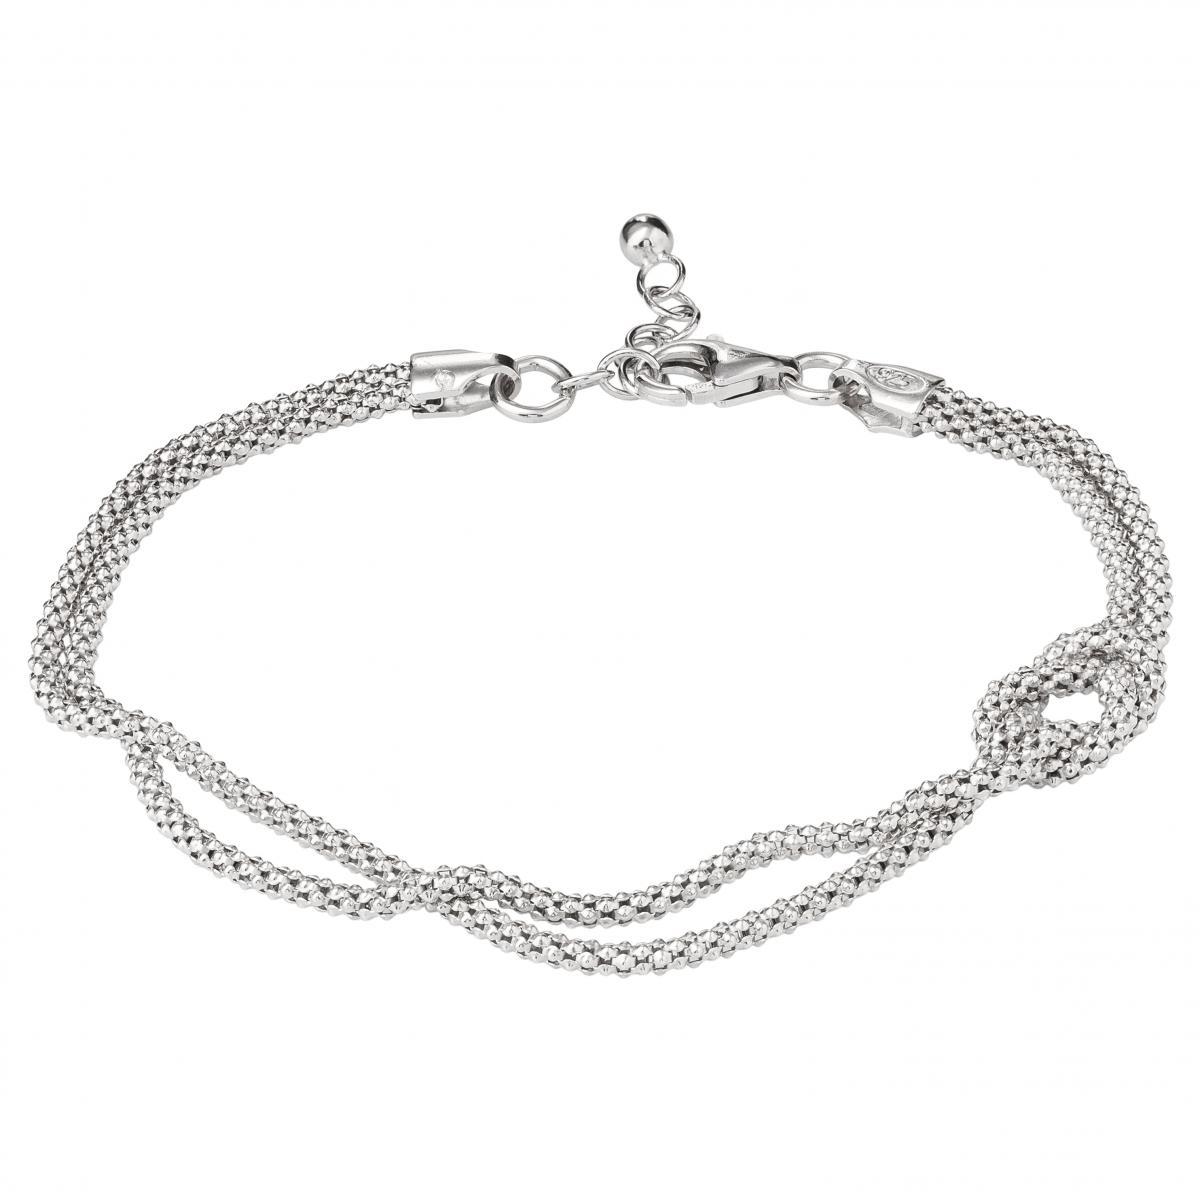 Браслет срібний жіночий ``Infinito`` KRN 2FBRNCLT 180y